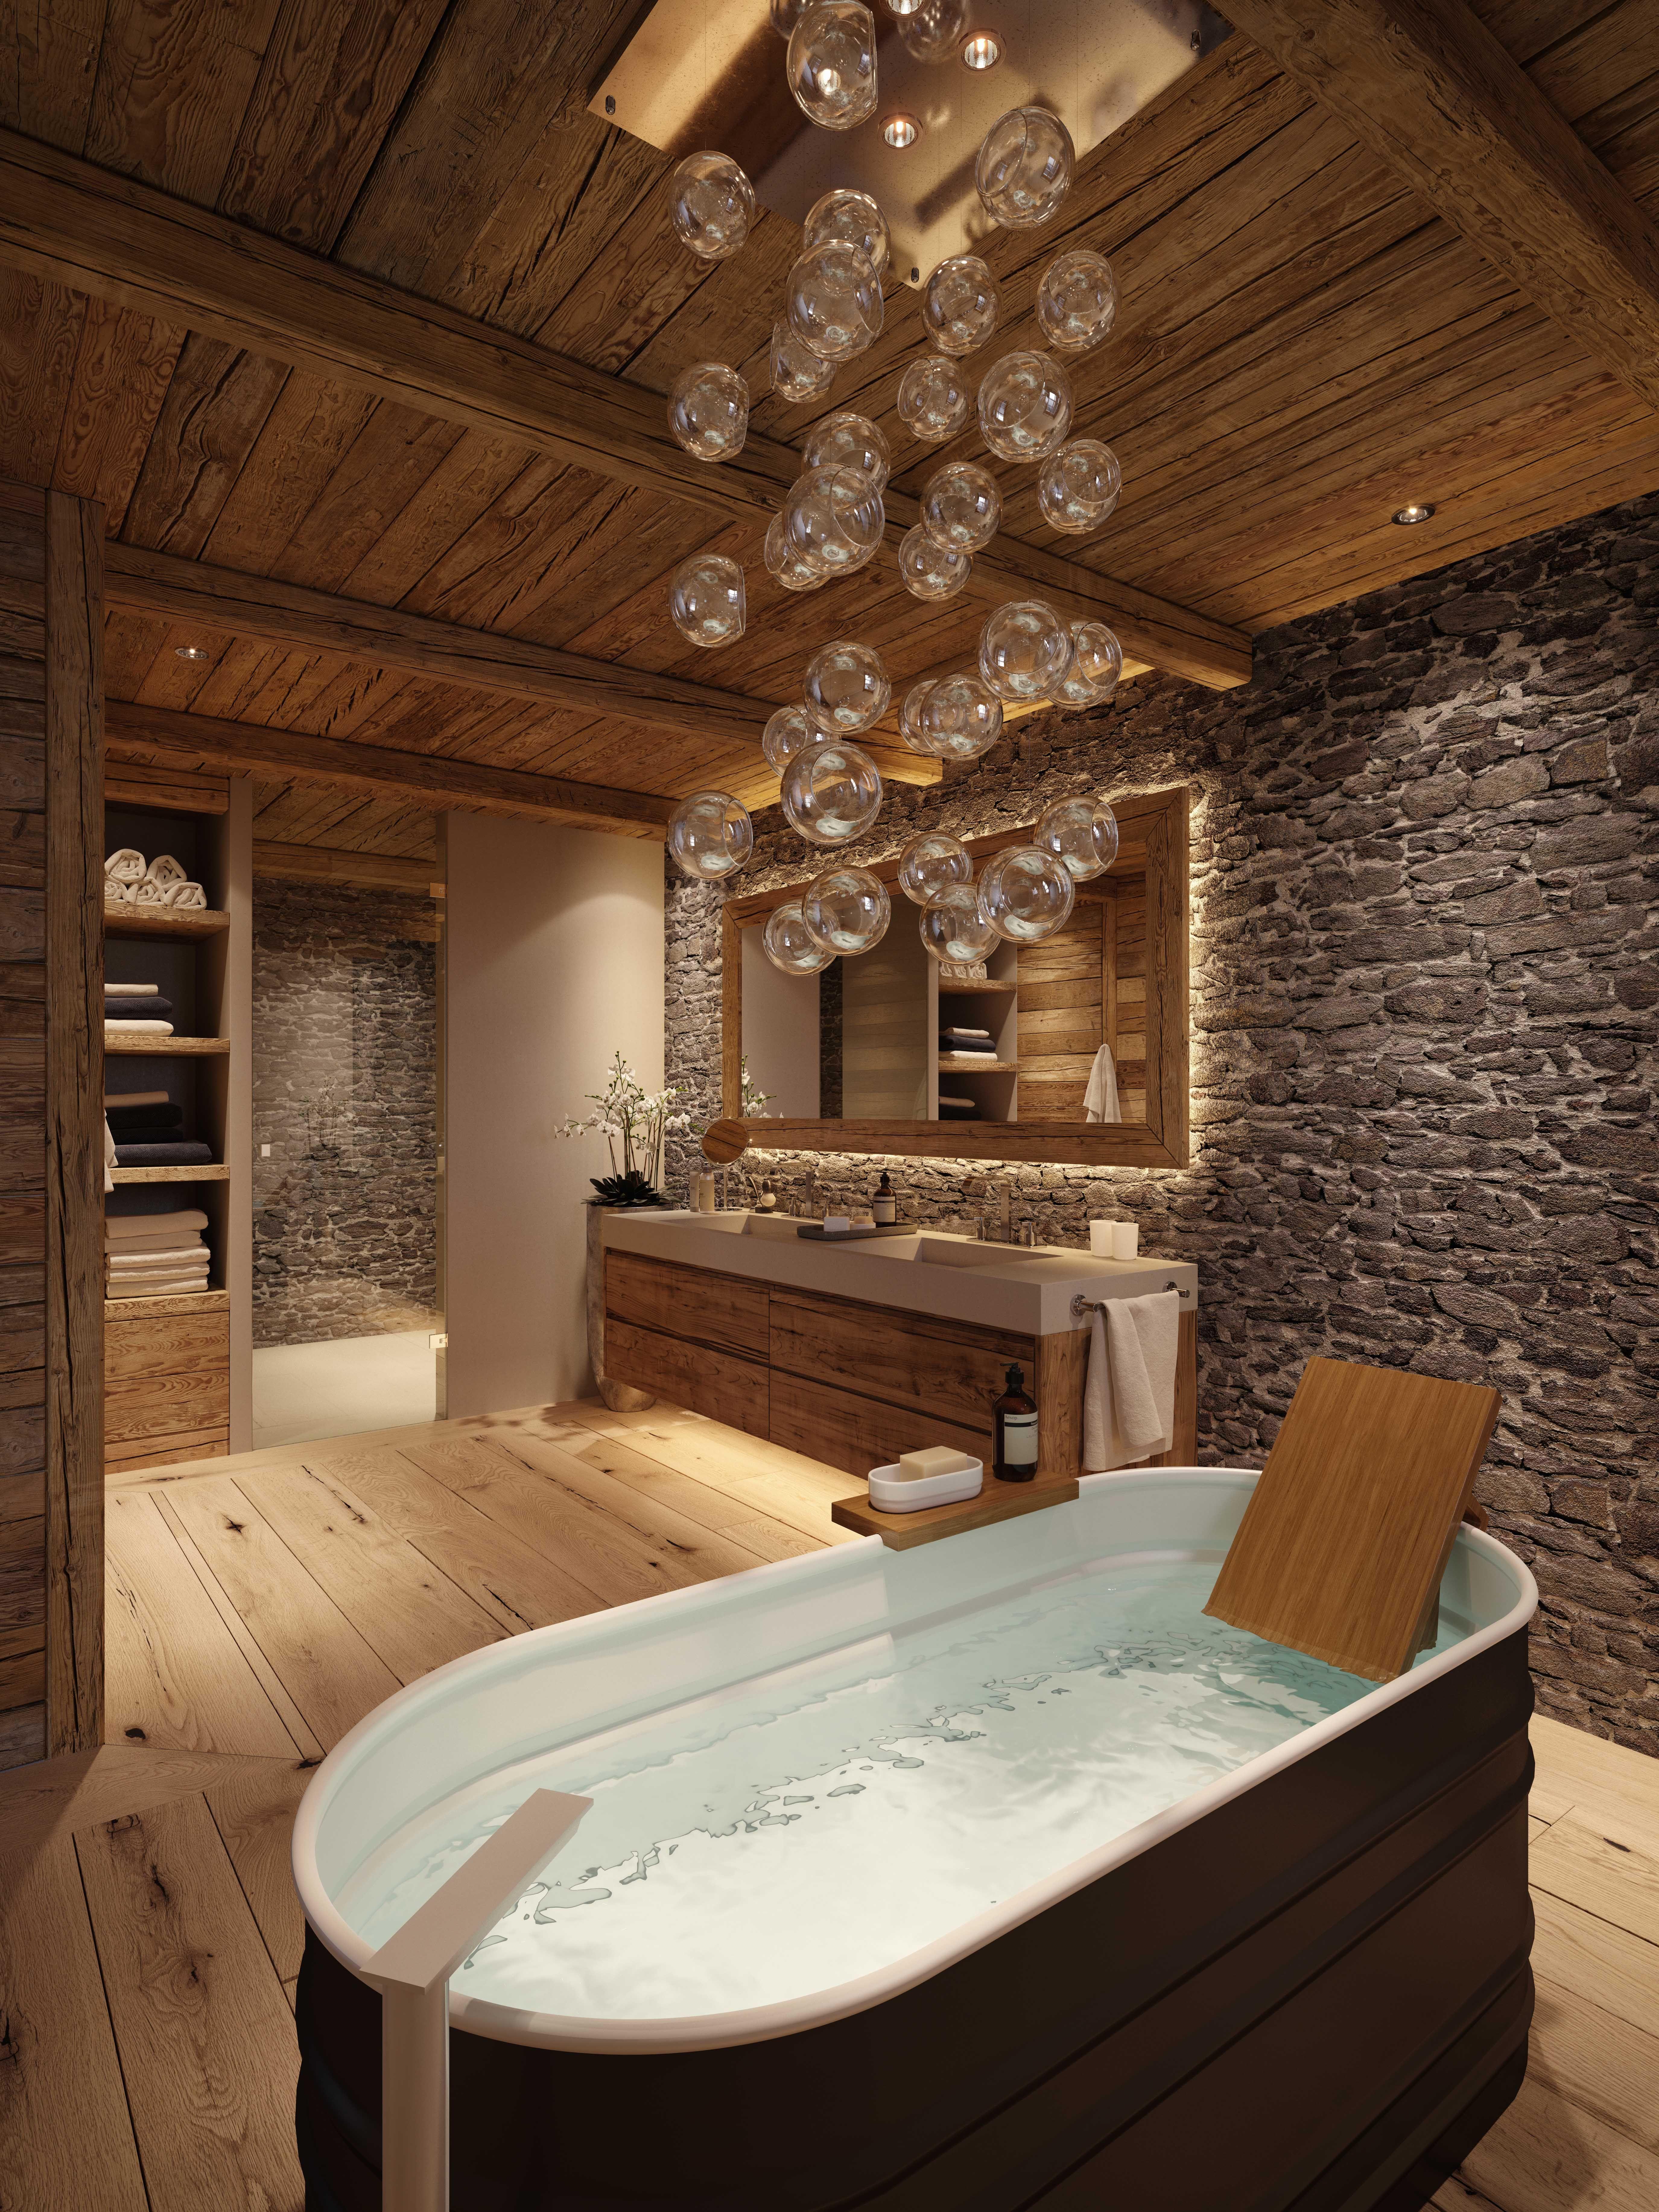 Badezimmer Badmobel Badezimmermobel Badmobel Set Spiegelschrank Bad Badezimmerschrank Badspieg In 2020 Bathroom Interior Design Bathroom Interior Dream Bathrooms